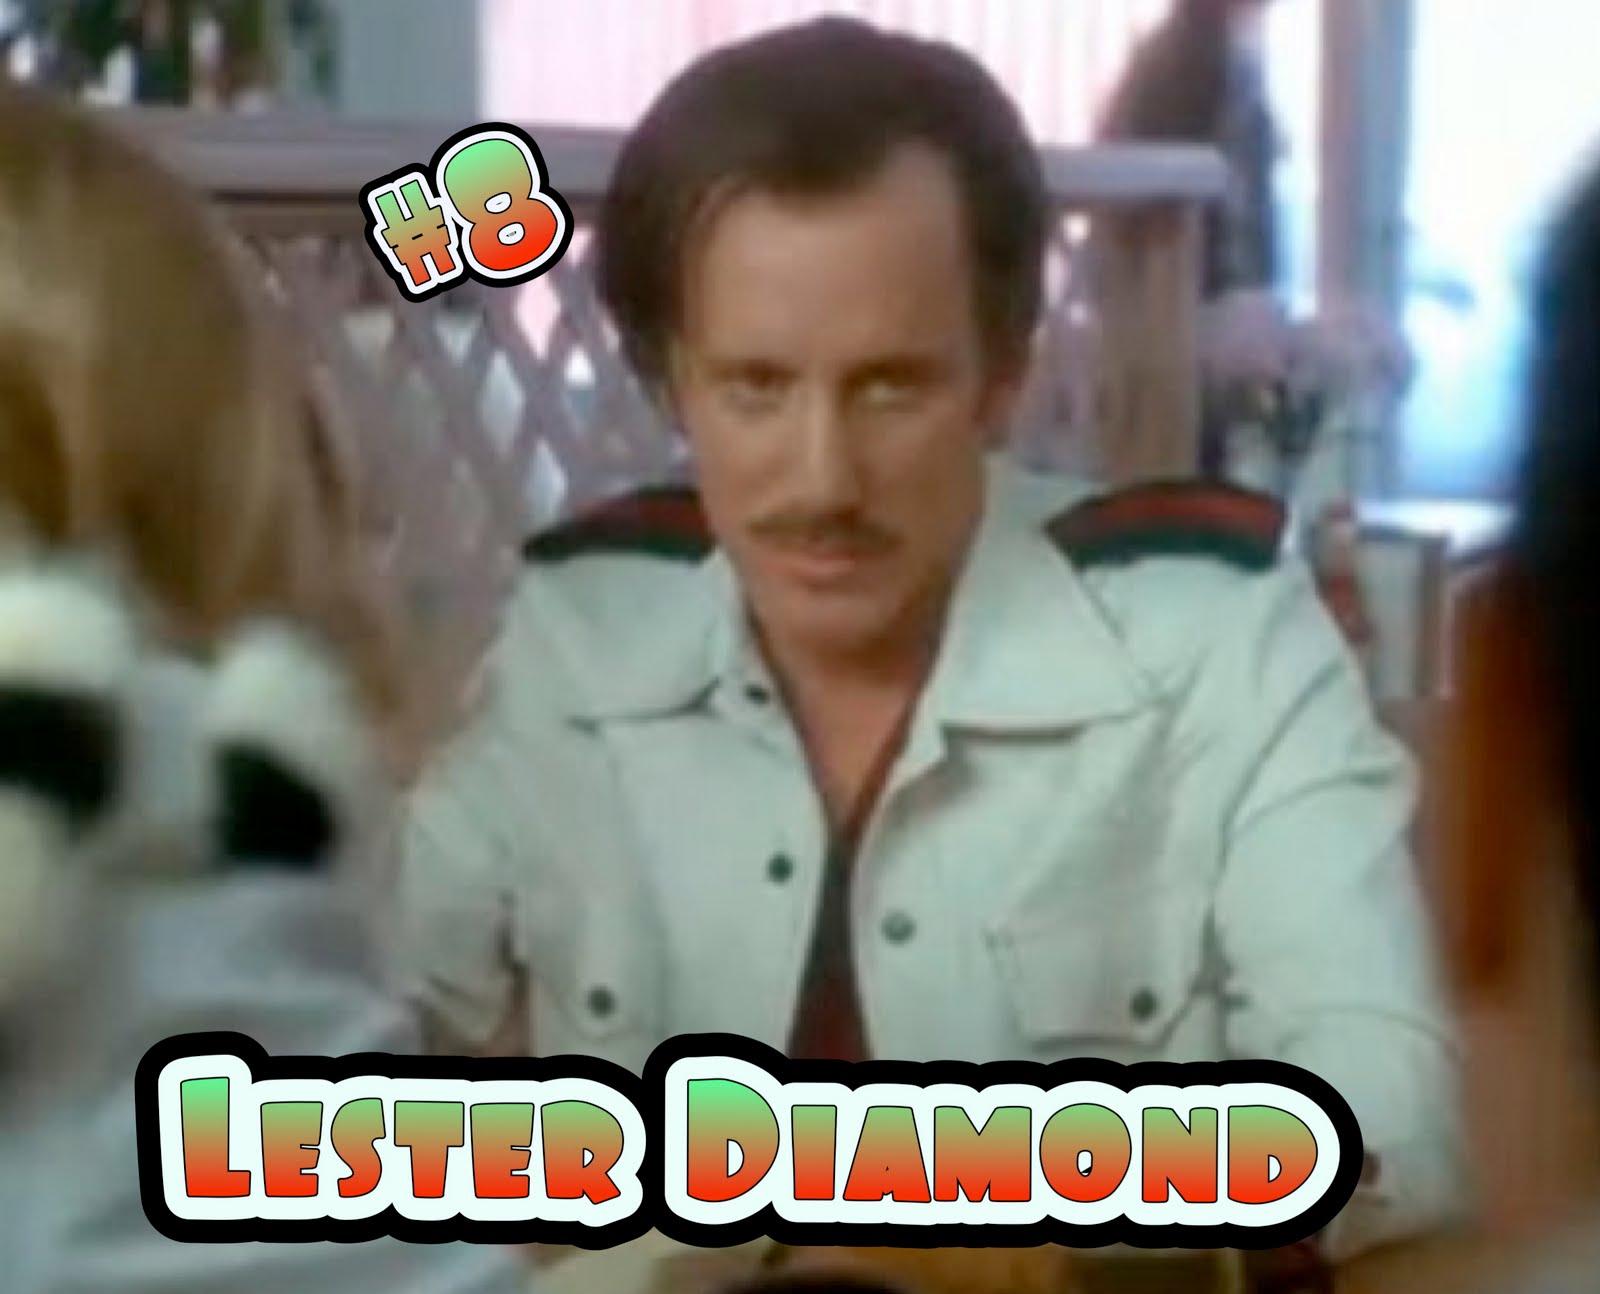 Lester Casino